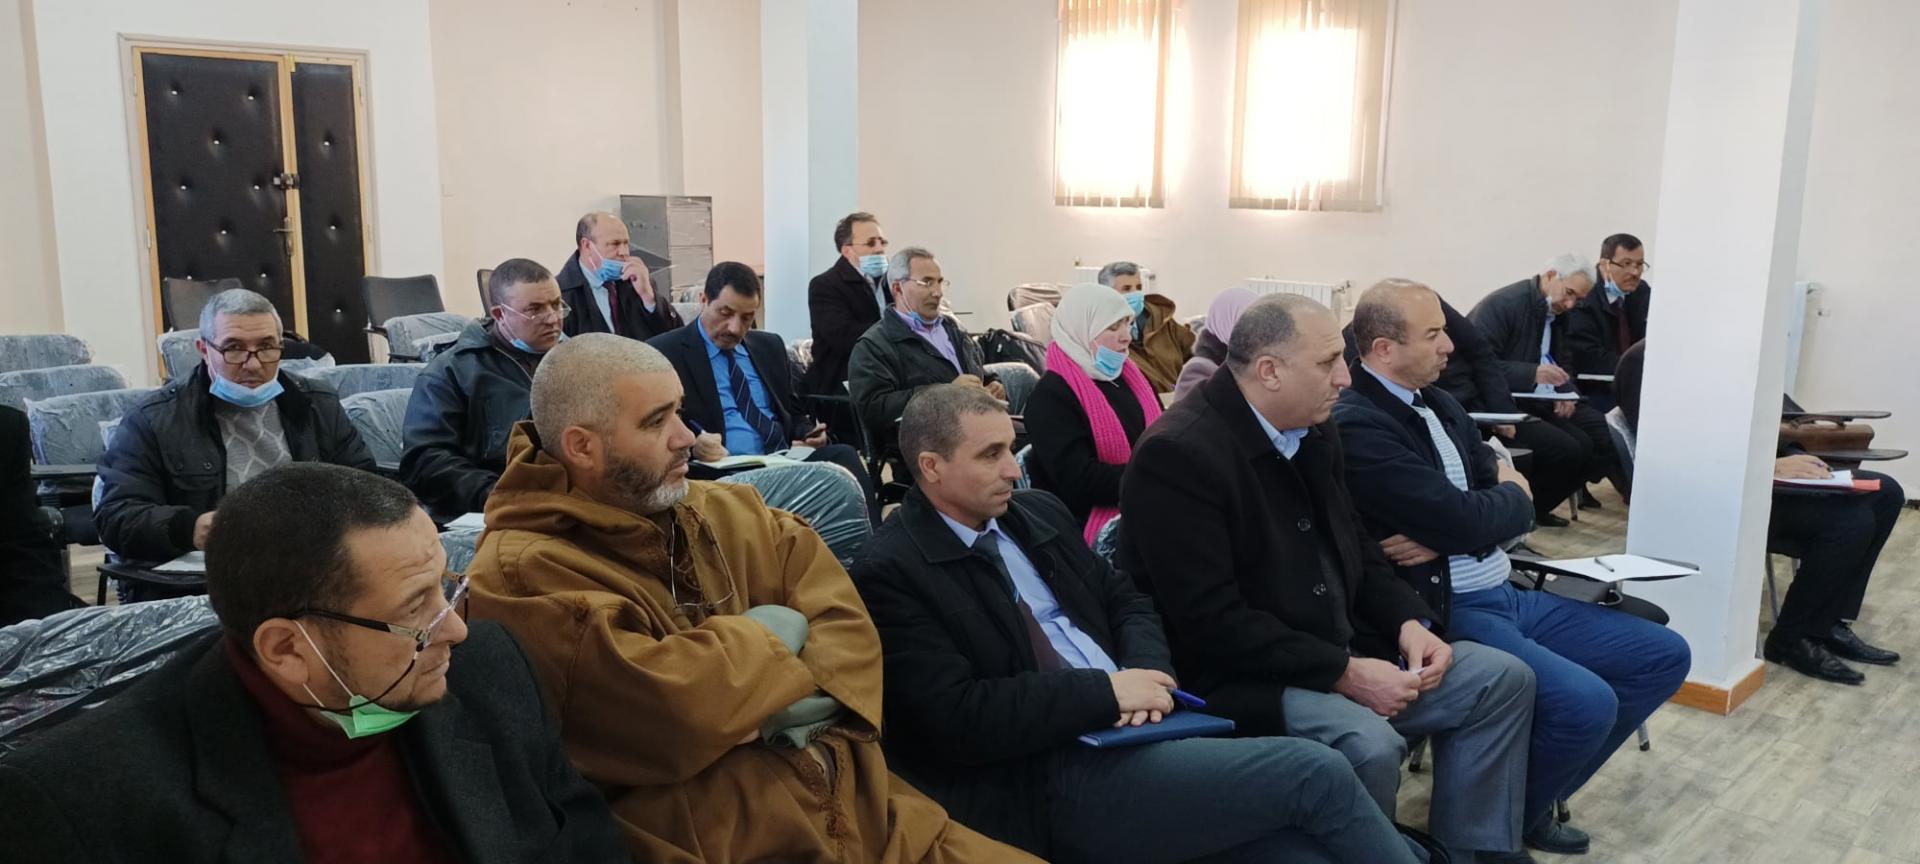 مدير التربية السيد حليم بن شريف يعقد جلسة عمل مع مفتشي  الطور الابتدائي